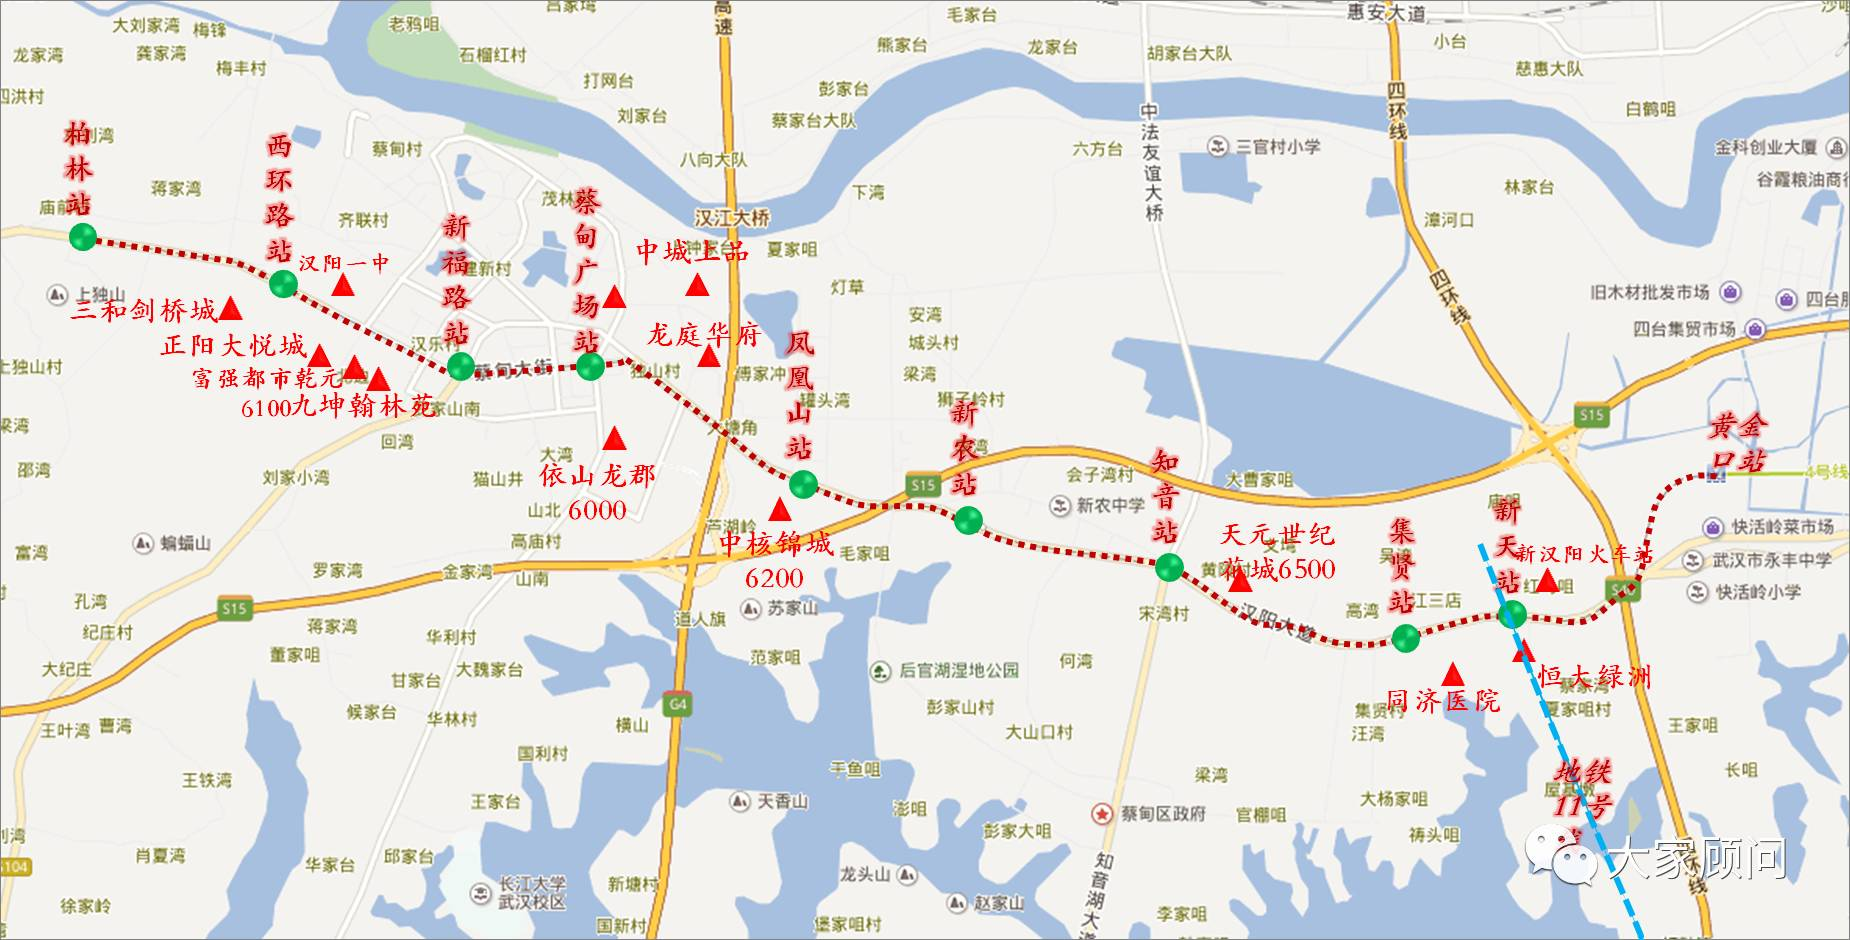 武汉地铁21号线实景图